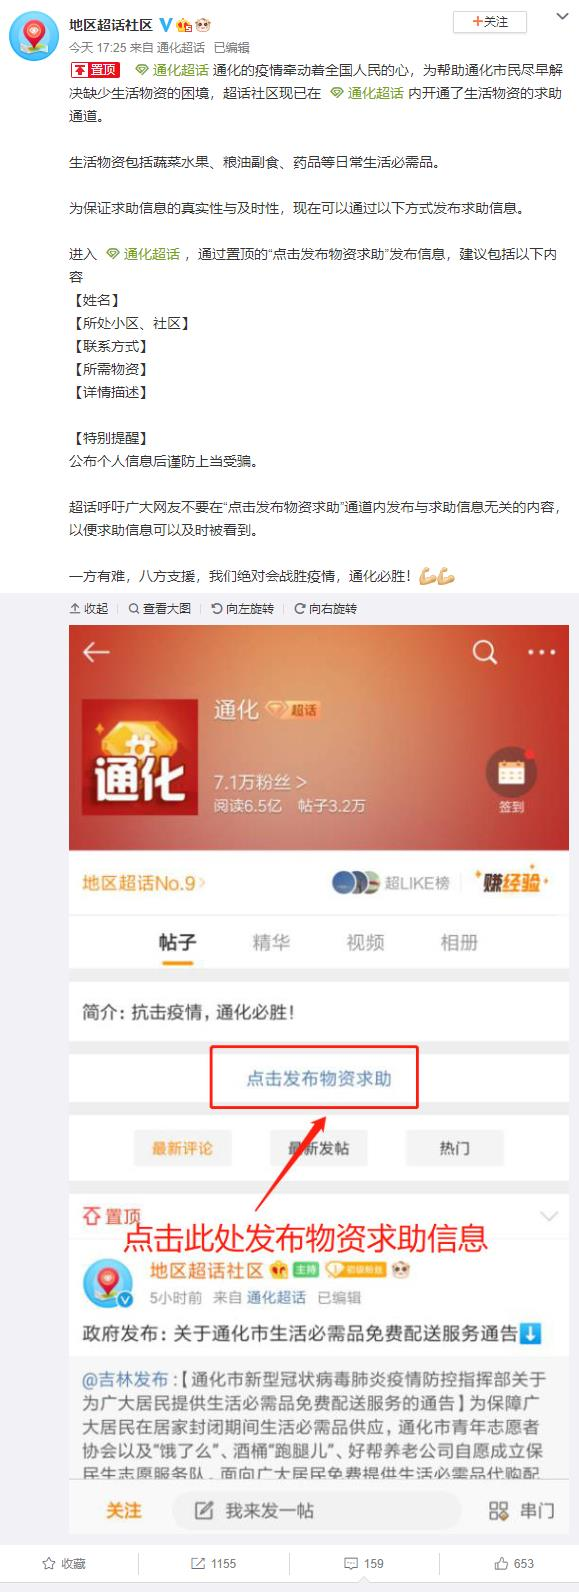 """吉林通化市民生活物资短缺引关注,微博""""超话社区""""开启求助通道图片"""